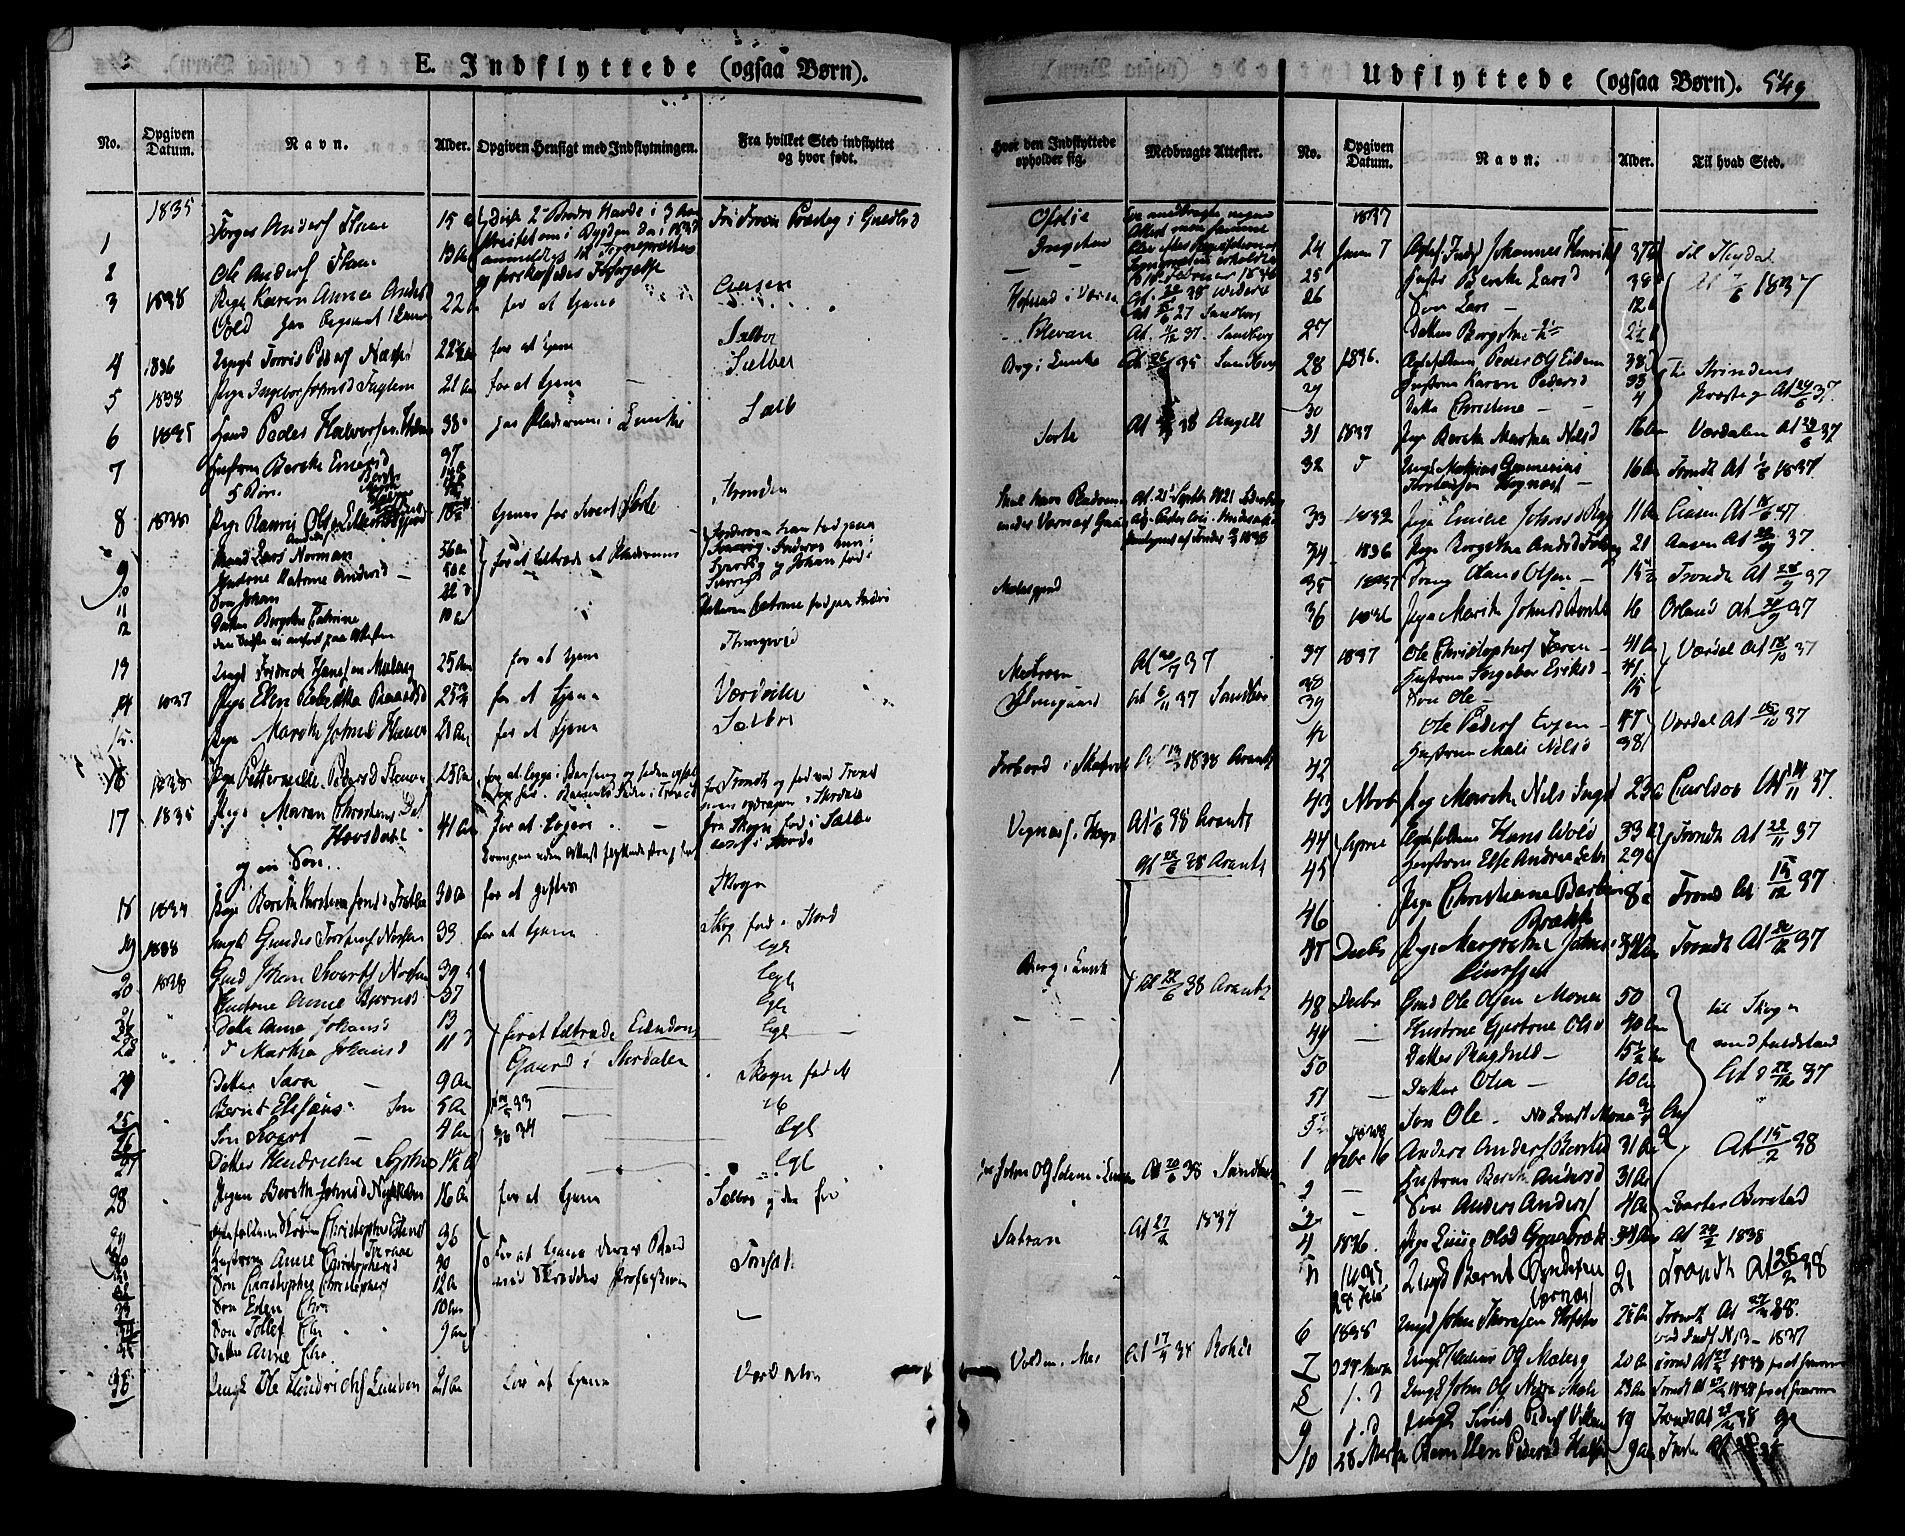 SAT, Ministerialprotokoller, klokkerbøker og fødselsregistre - Nord-Trøndelag, 709/L0072: Ministerialbok nr. 709A12, 1833-1844, s. 549